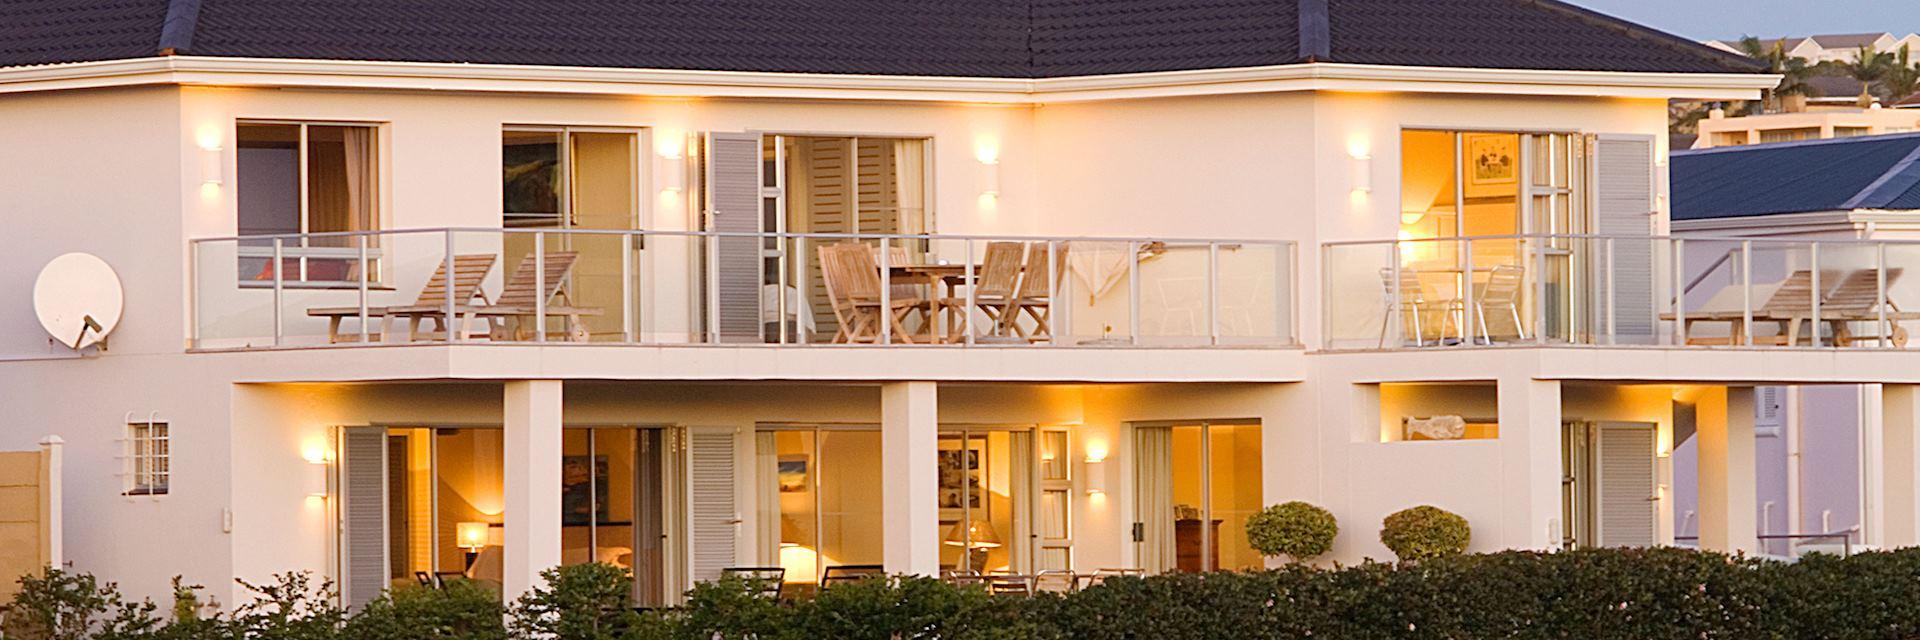 Anlin Beach House, South Africa